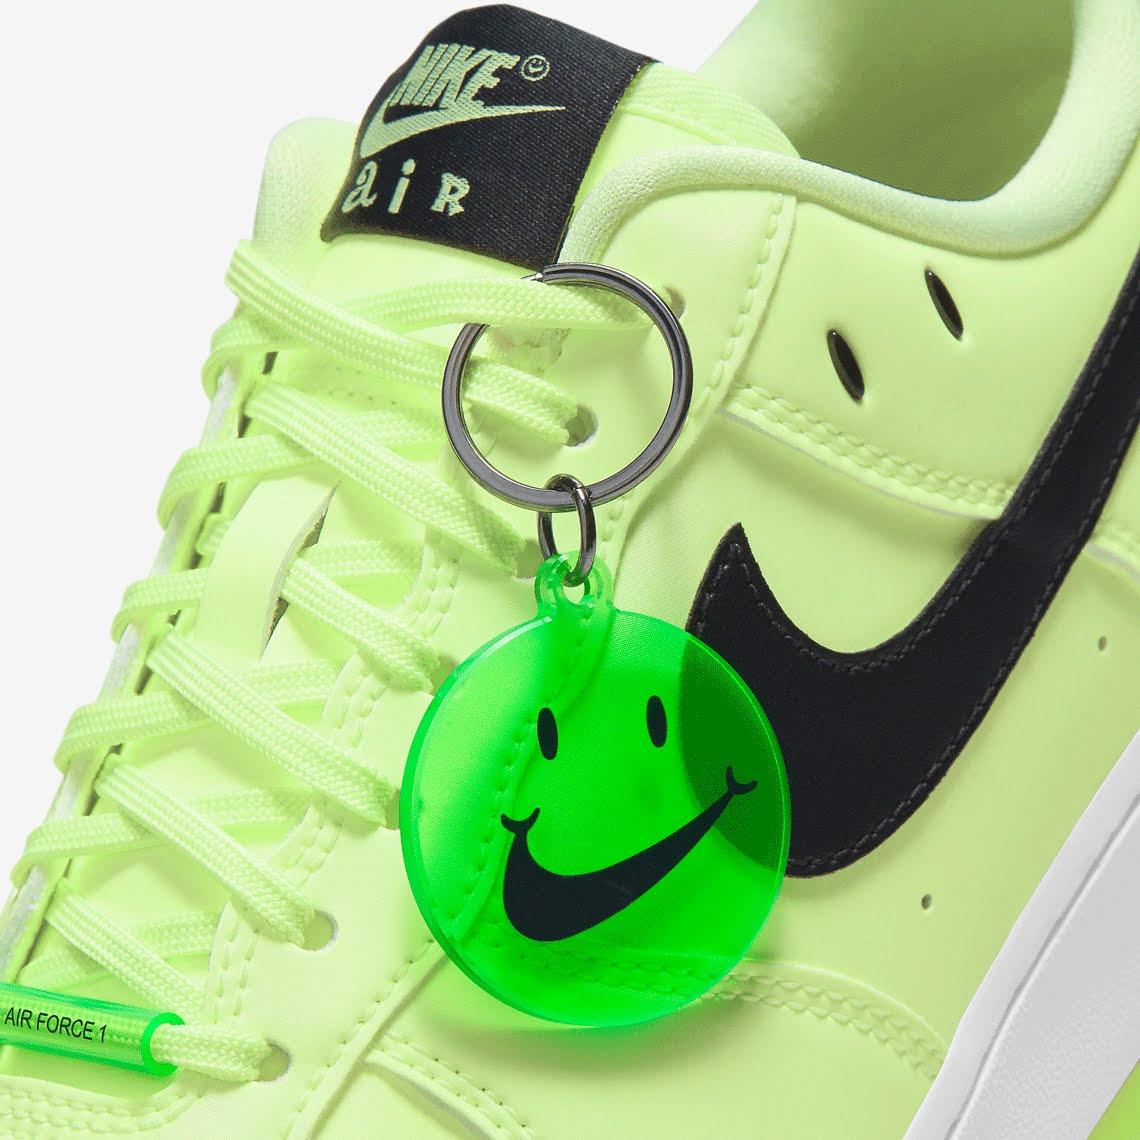 ナイキ エア フォース 1 ハブ ア ナイキ デー グロー イン ザ ダーク グリーン Nike-Air-Force-1-glow-in-the-dark-have-a-nike-day-CT3228-701 charm